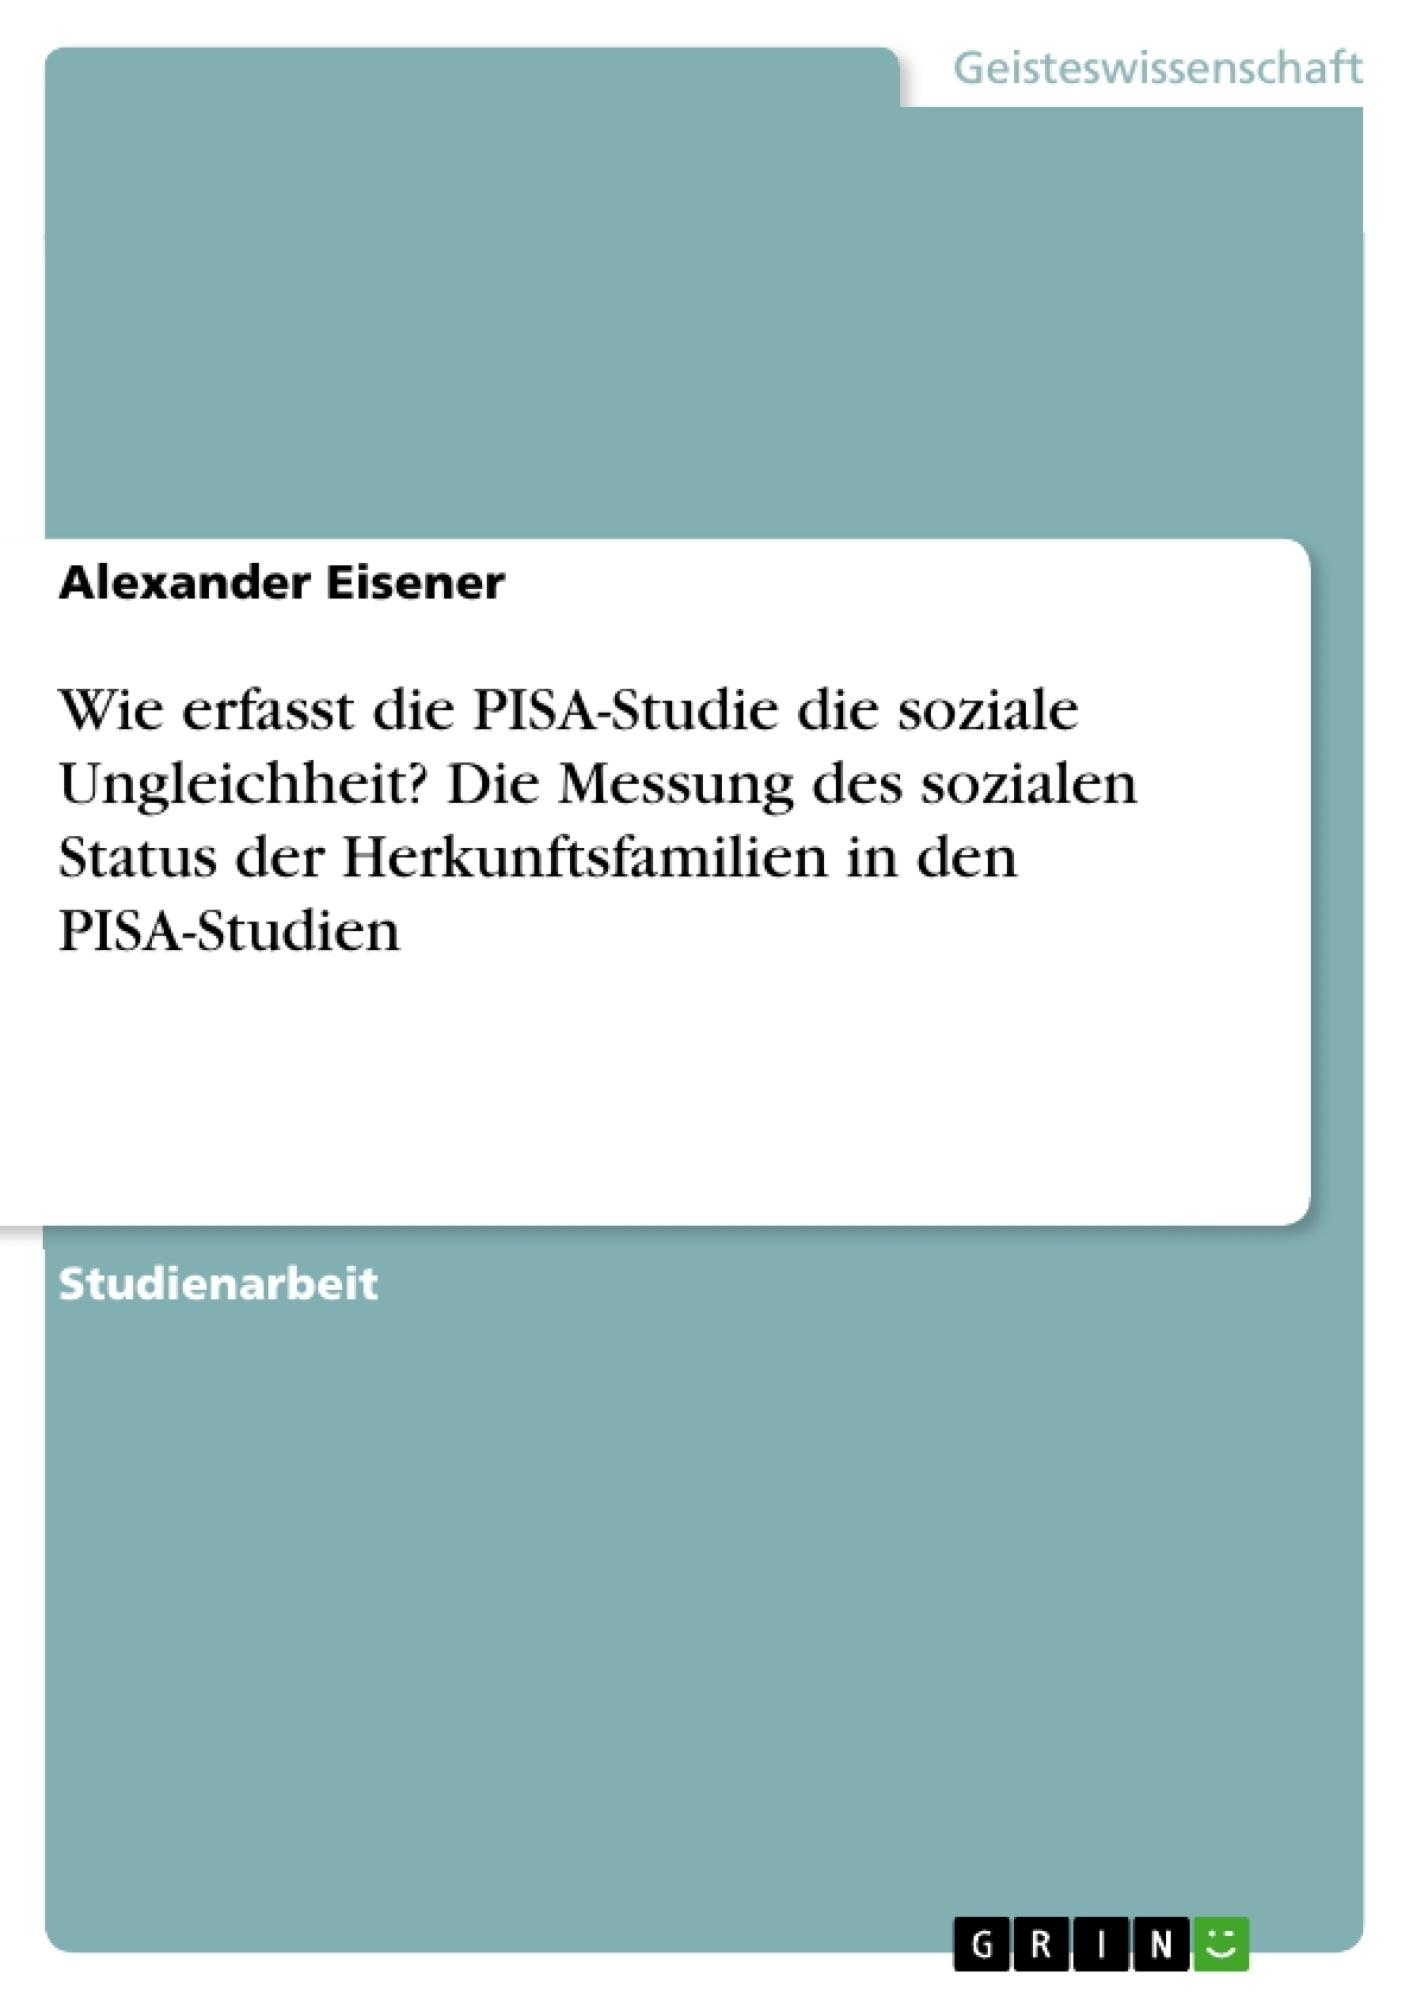 Titel: Wie erfasst die PISA-Studie die soziale Ungleichheit? Die Messung des sozialen Status der Herkunftsfamilien in den PISA-Studien